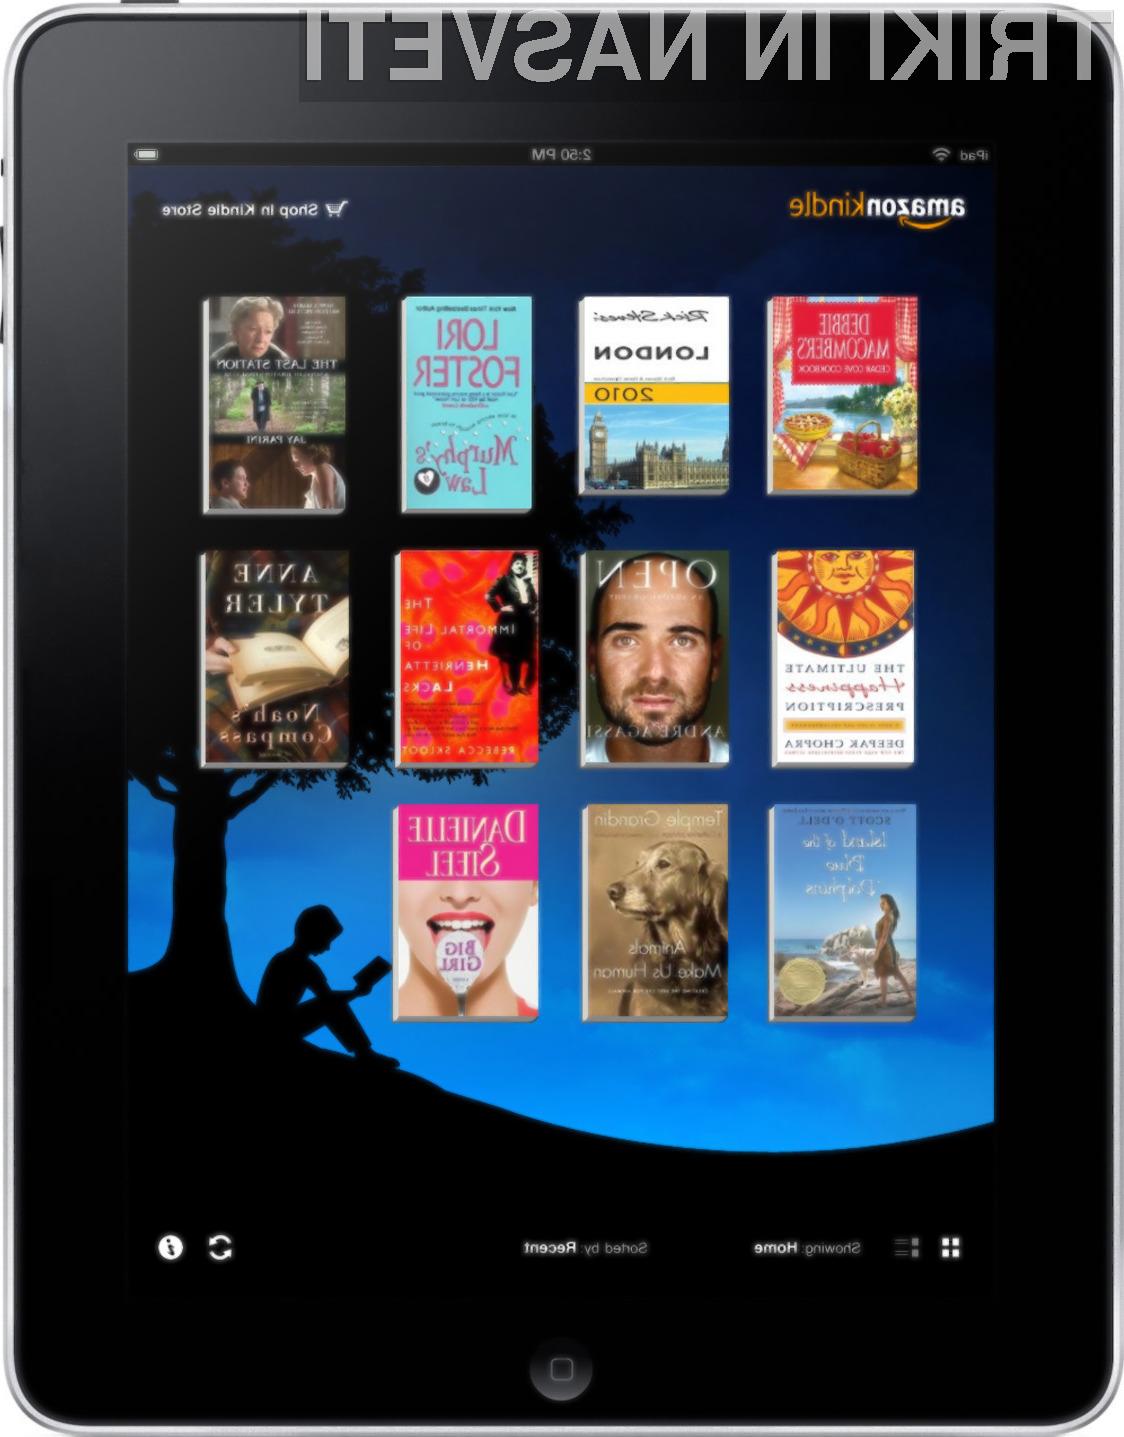 Preko iTunes na vaš iPad / iPhone, ne boste morali dodati knjig formata LRK in MOBI, saj jih operacijski sistem iOS ne podpira.